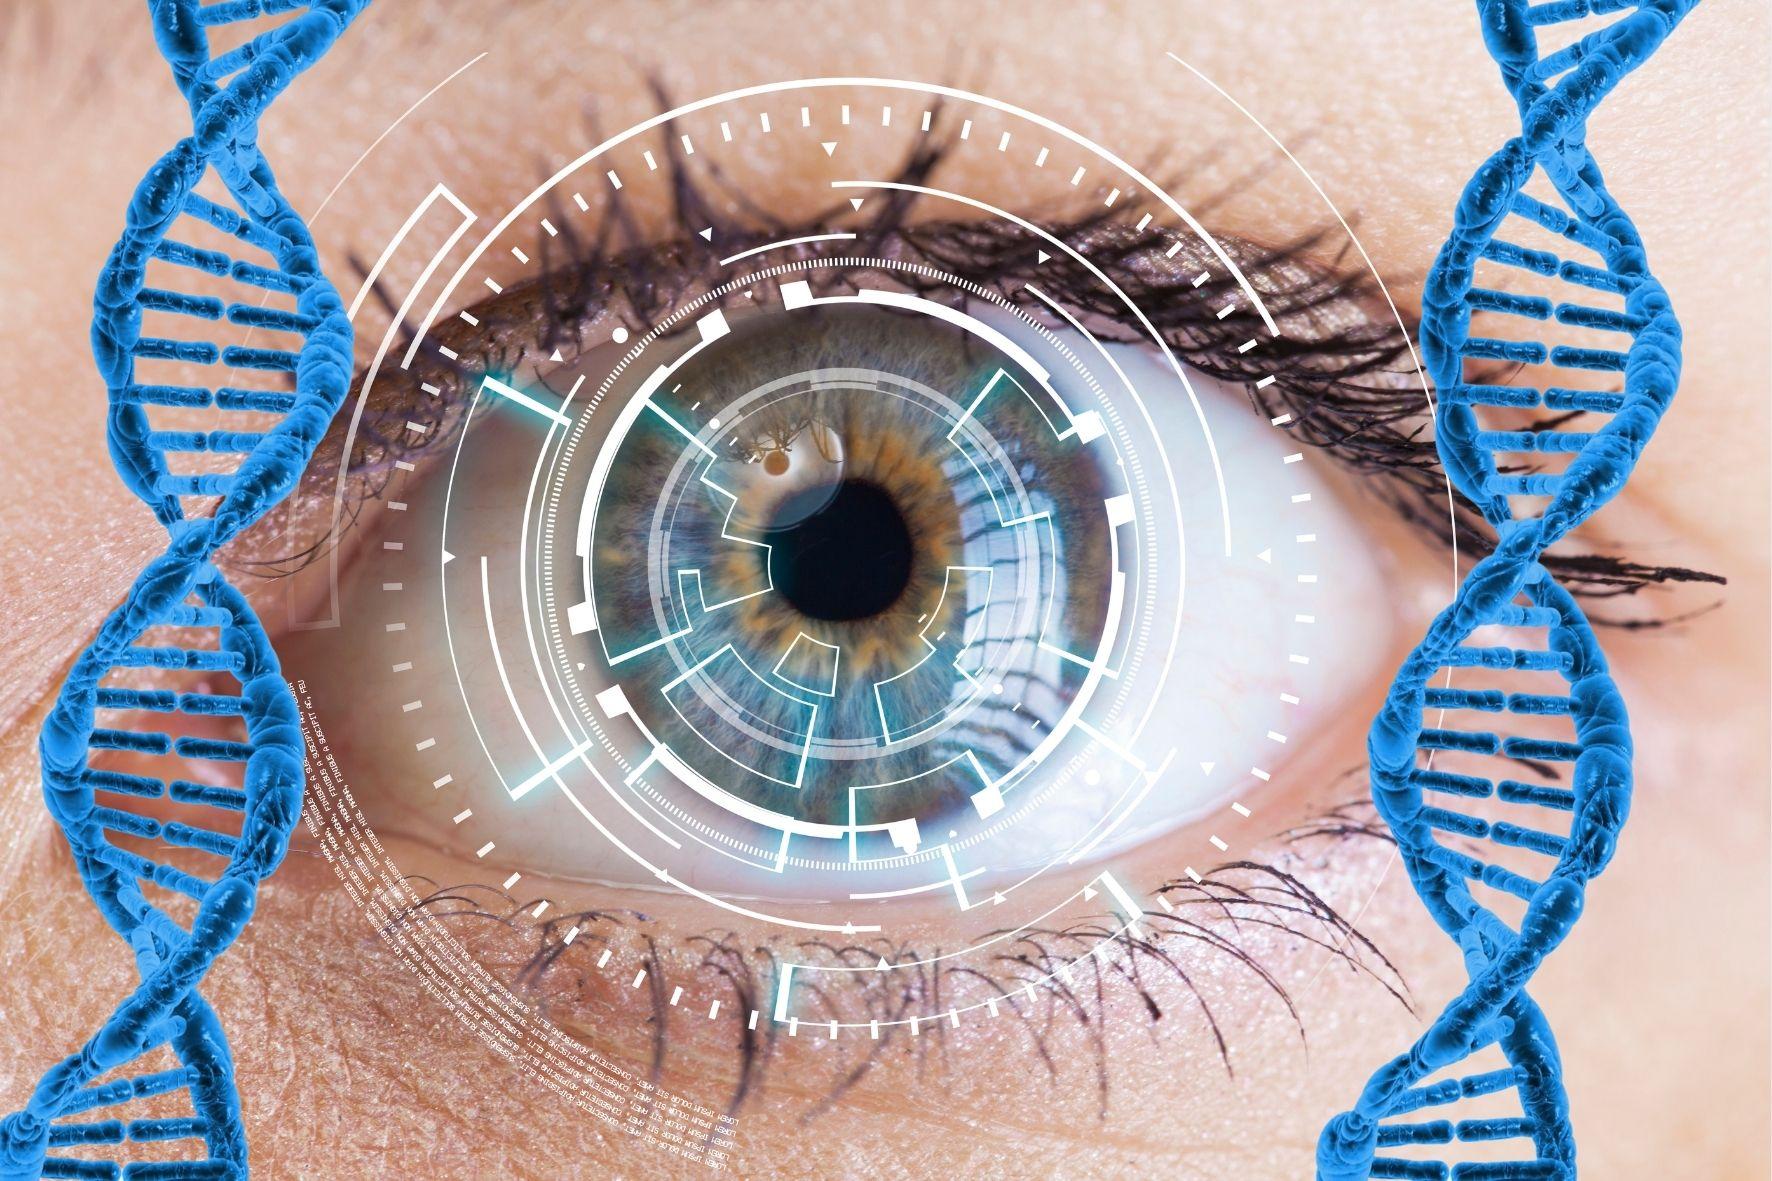 光遺伝学的手法そのものを遺伝子治療にすることに成功